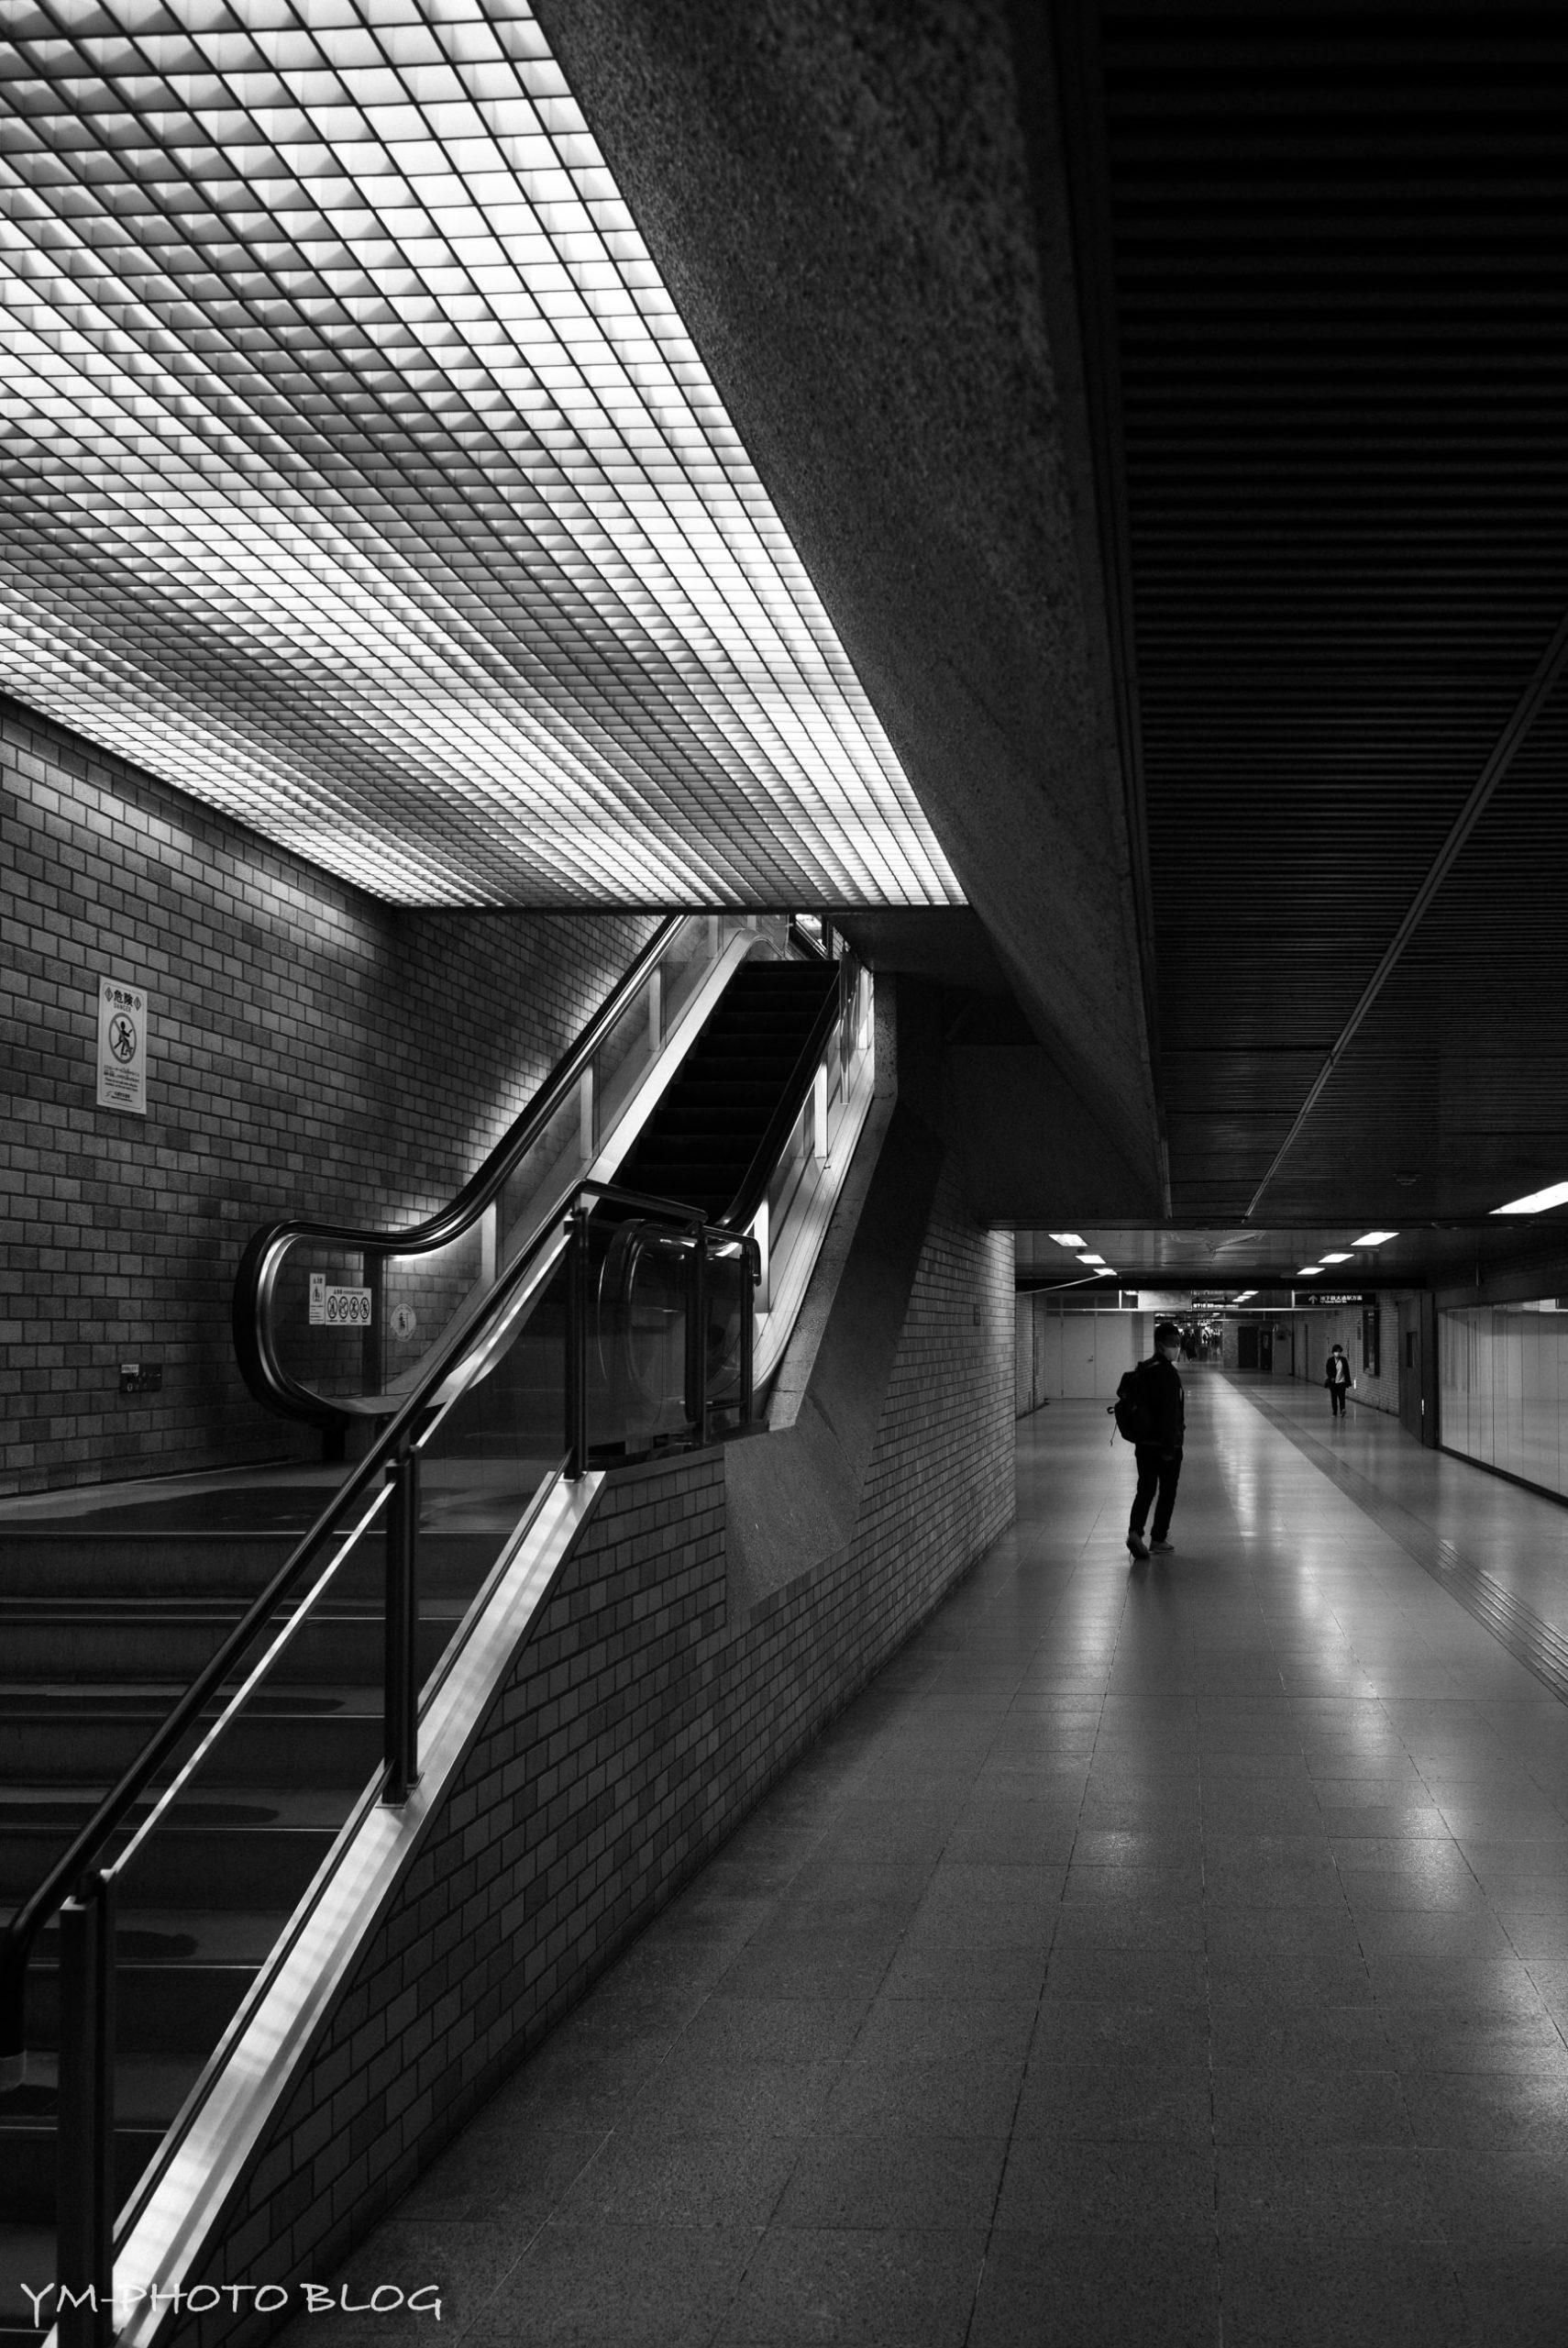 バスセンター地下